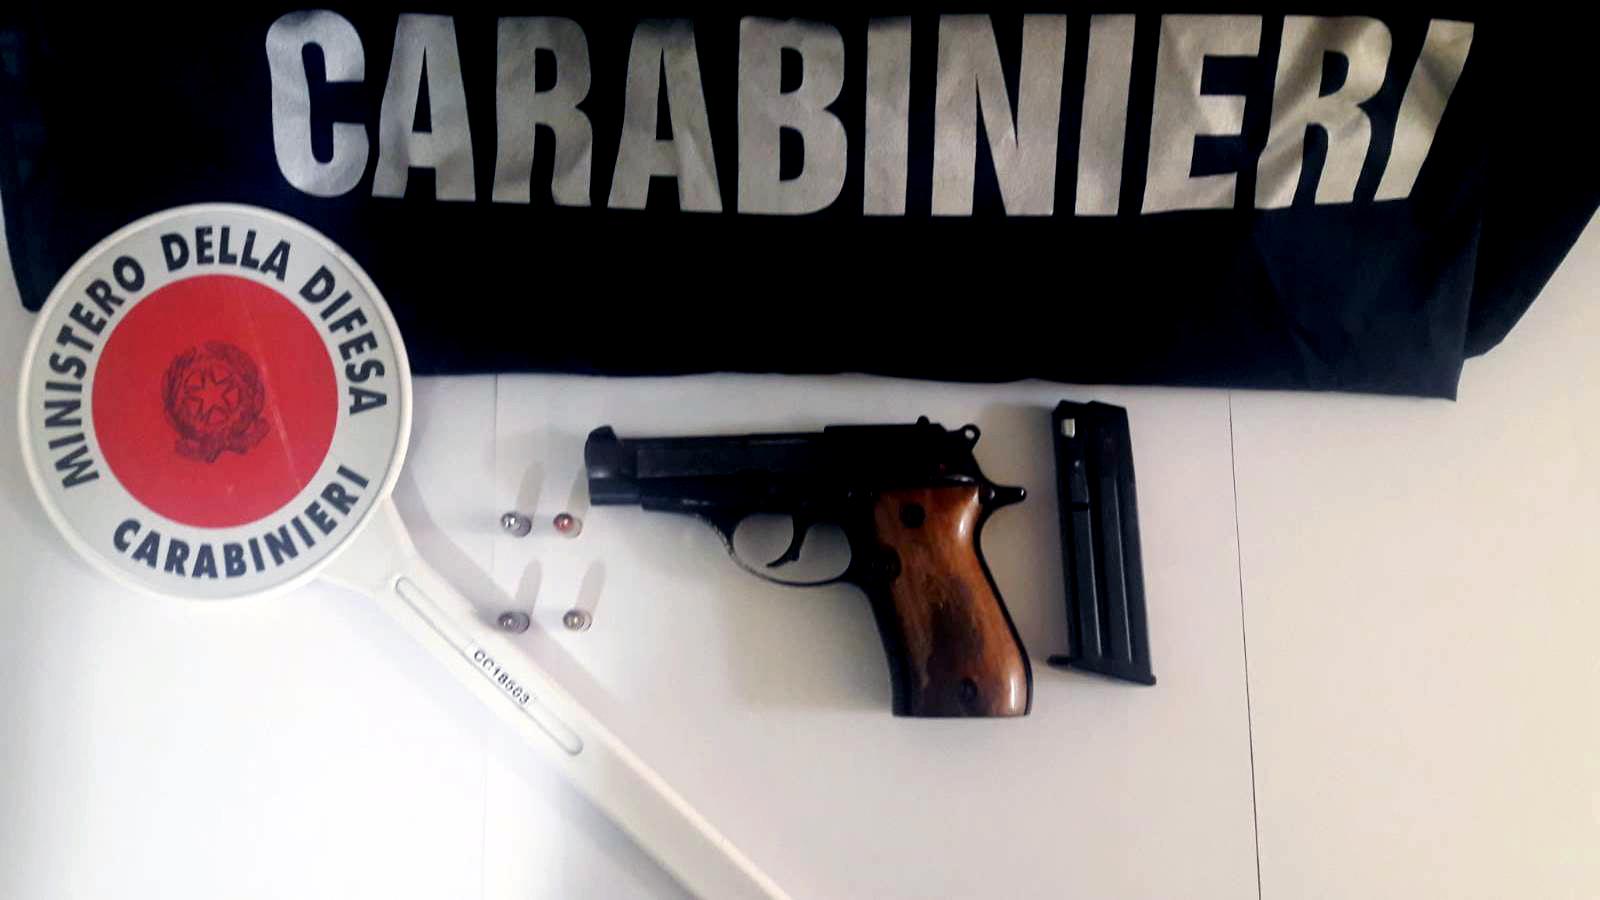 Afragola. Affiliato a gruppo criminale inseguito in auto nella notte: i carabinieri gli trovano una semiautomatica pronta a sparare